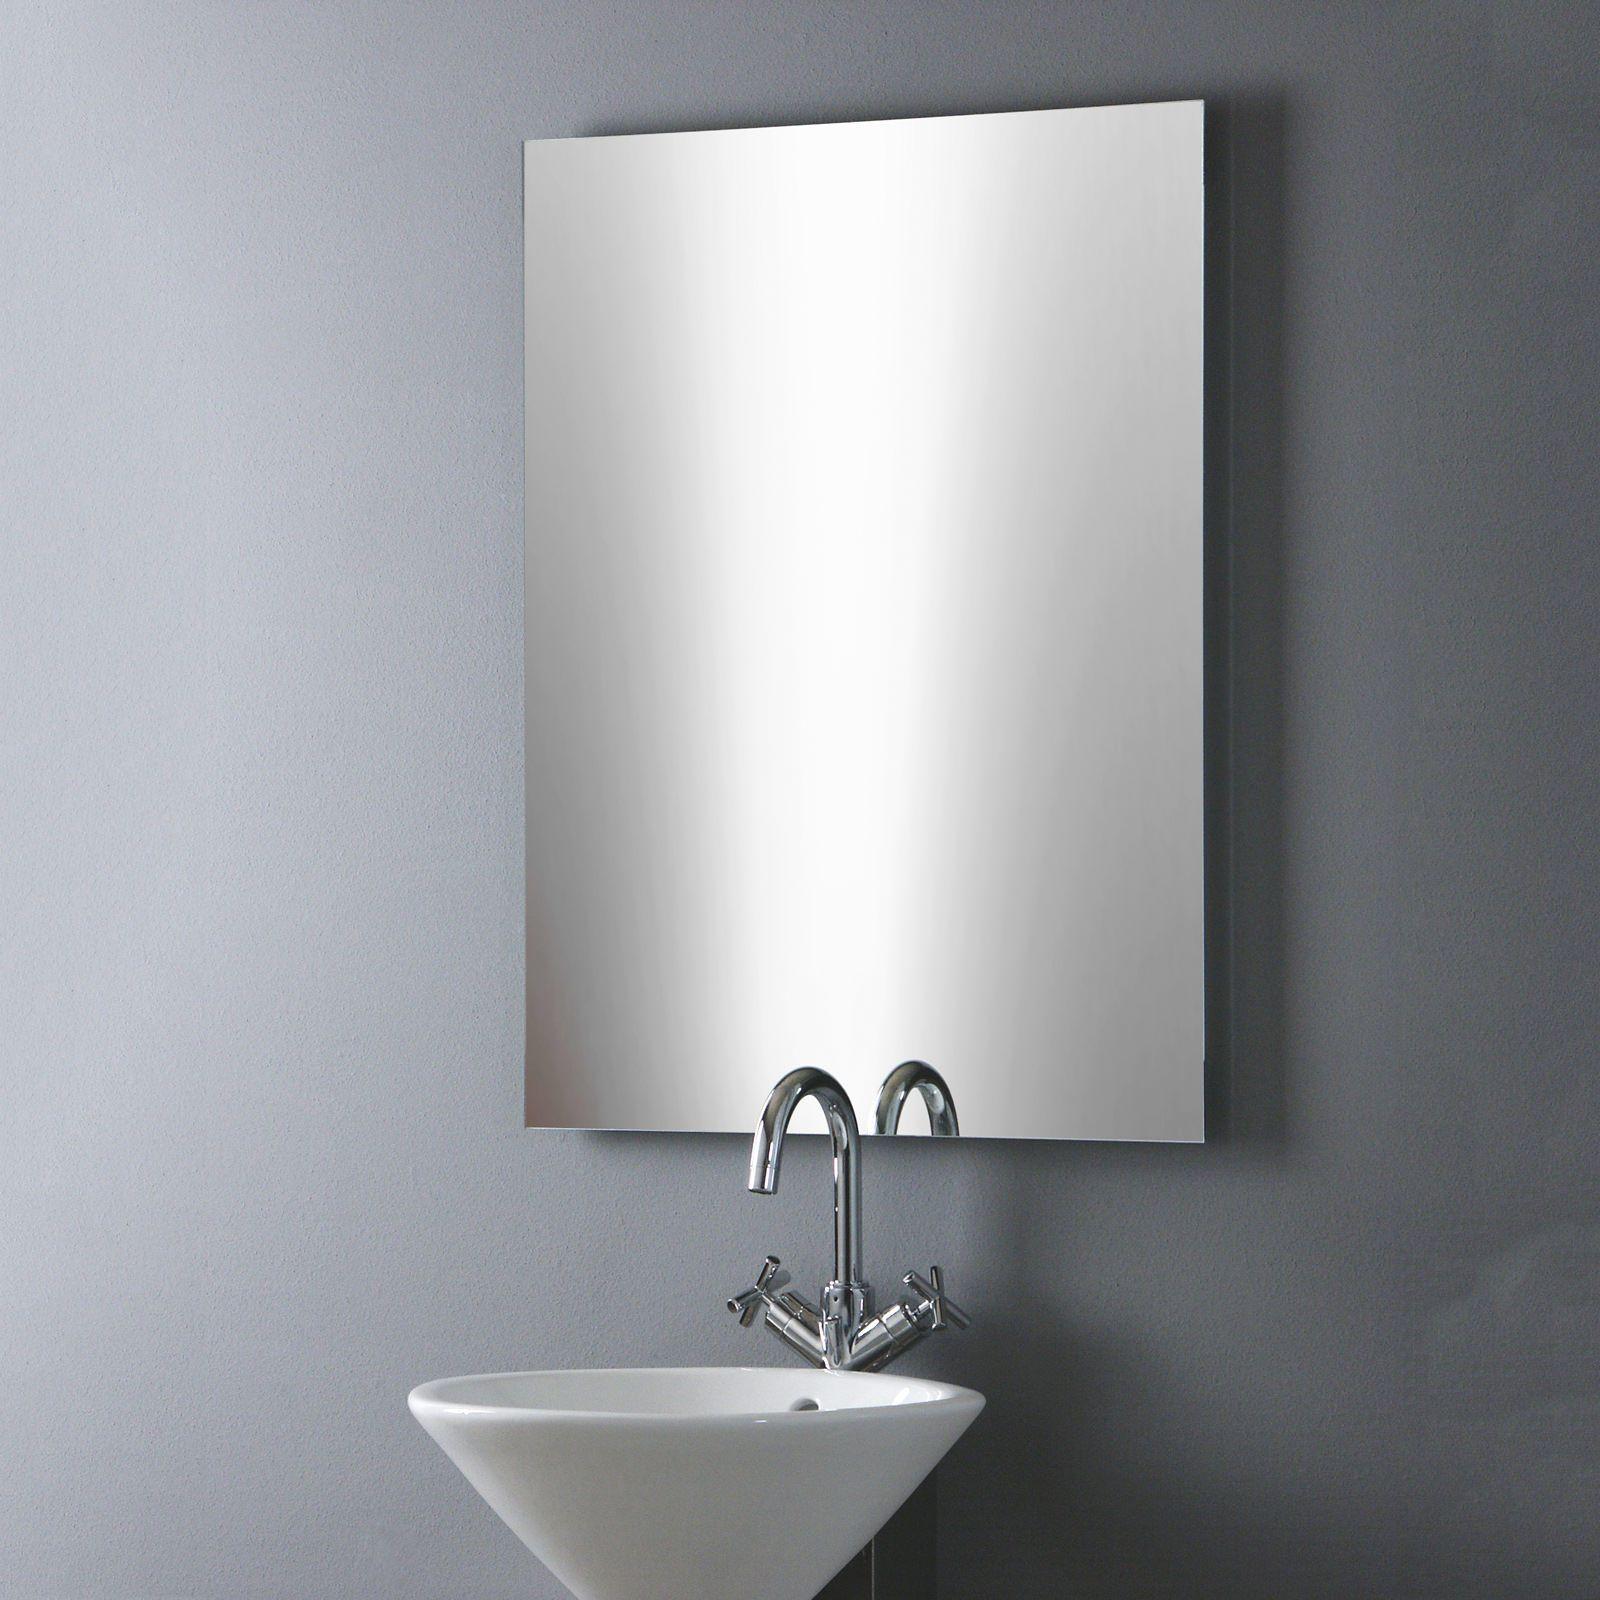 badezimmerspiegel qualität  badezimmerspiegel basic